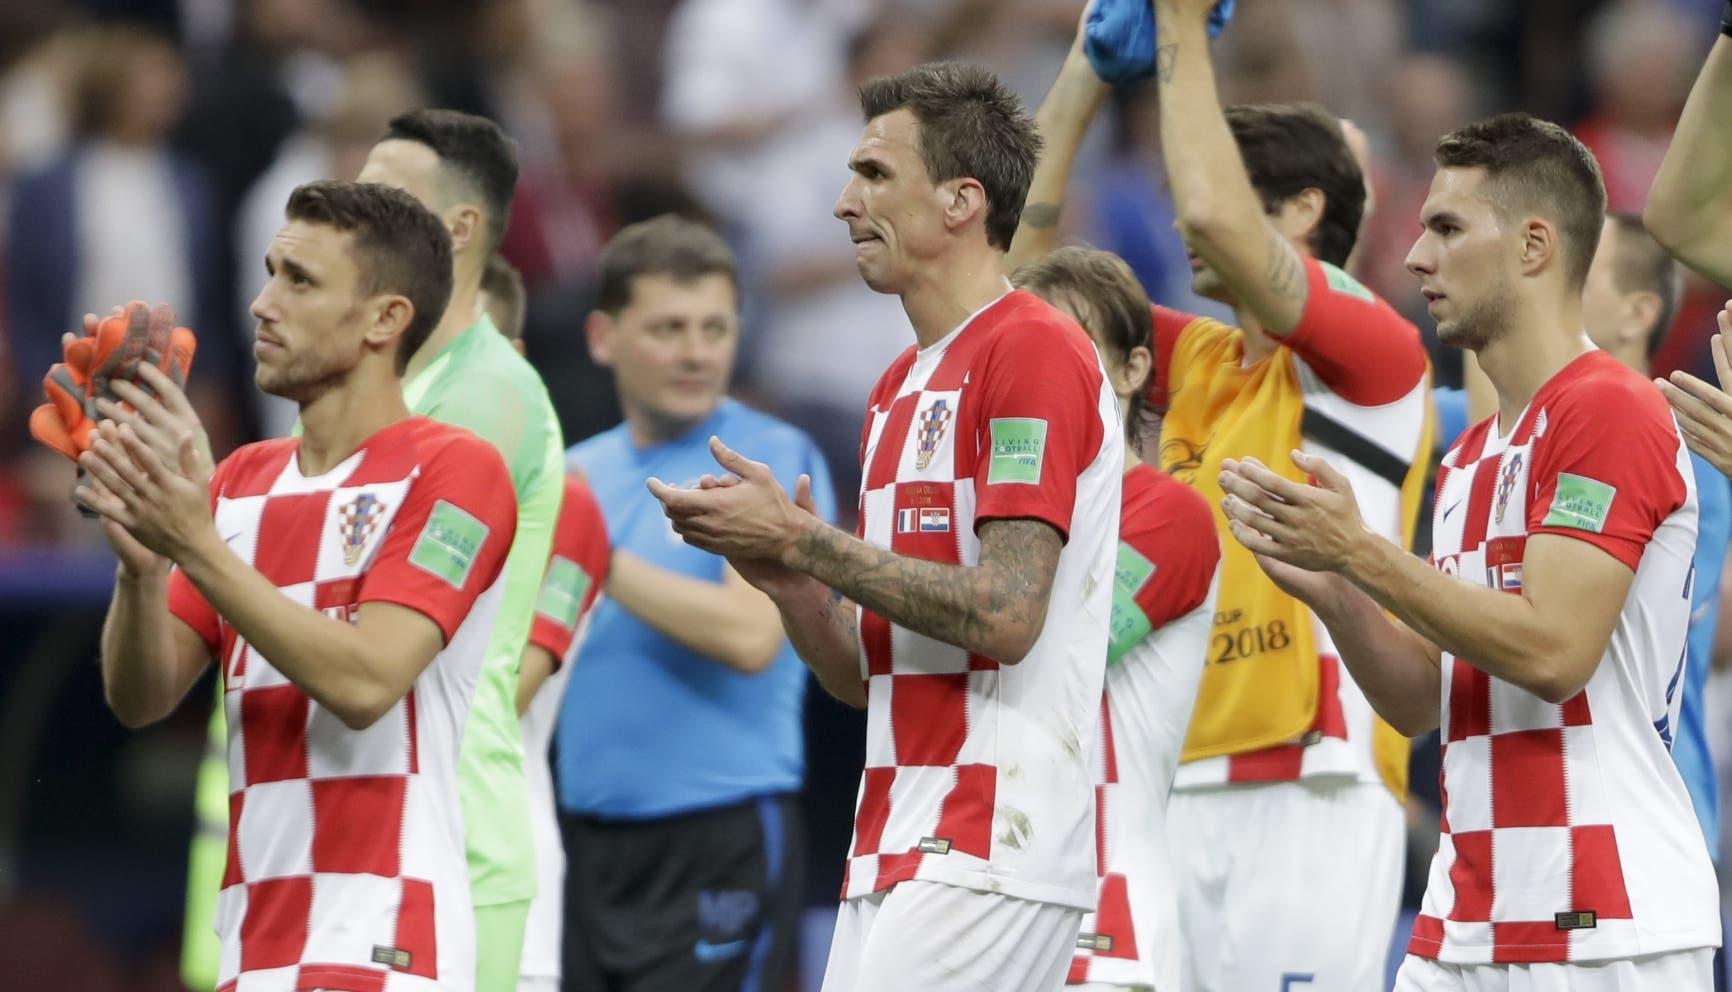 15. De izquierda a derecha, los croatas Josip Pivaric, Mario Mandzukic y Marko Pjaka aplauden luego de perder la final ante Francia, el domingo 15 de julio de 2018, en el estadio Luzhniki de Moscú (AP Foto/Natacha Pisarenko)